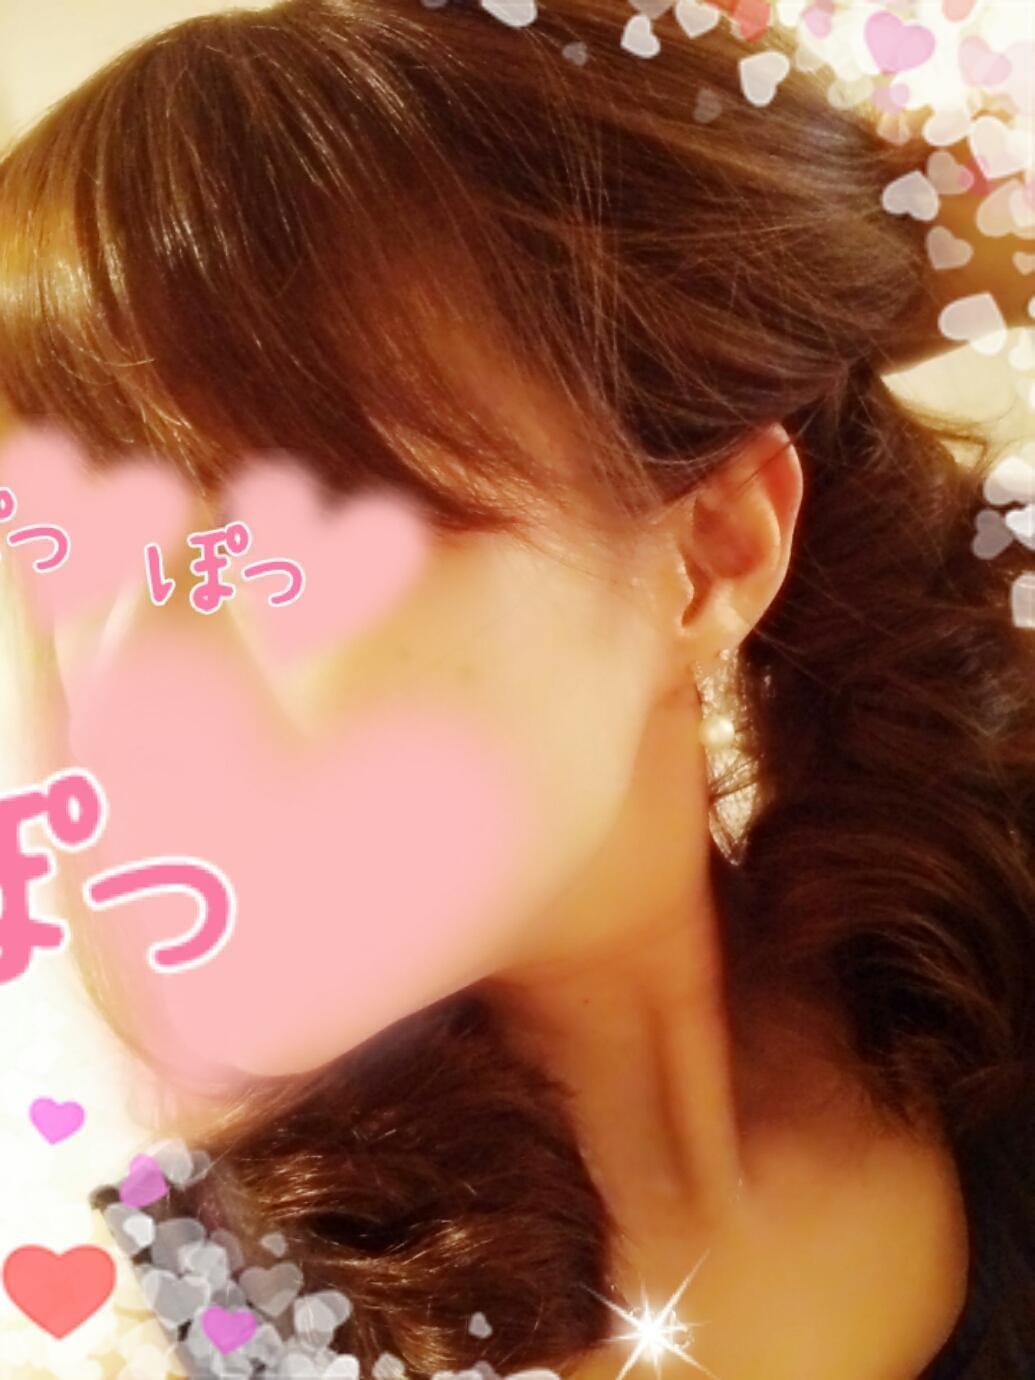 「こんにちは(≧∇≦)」07/02(月) 16:01   春花の写メ・風俗動画